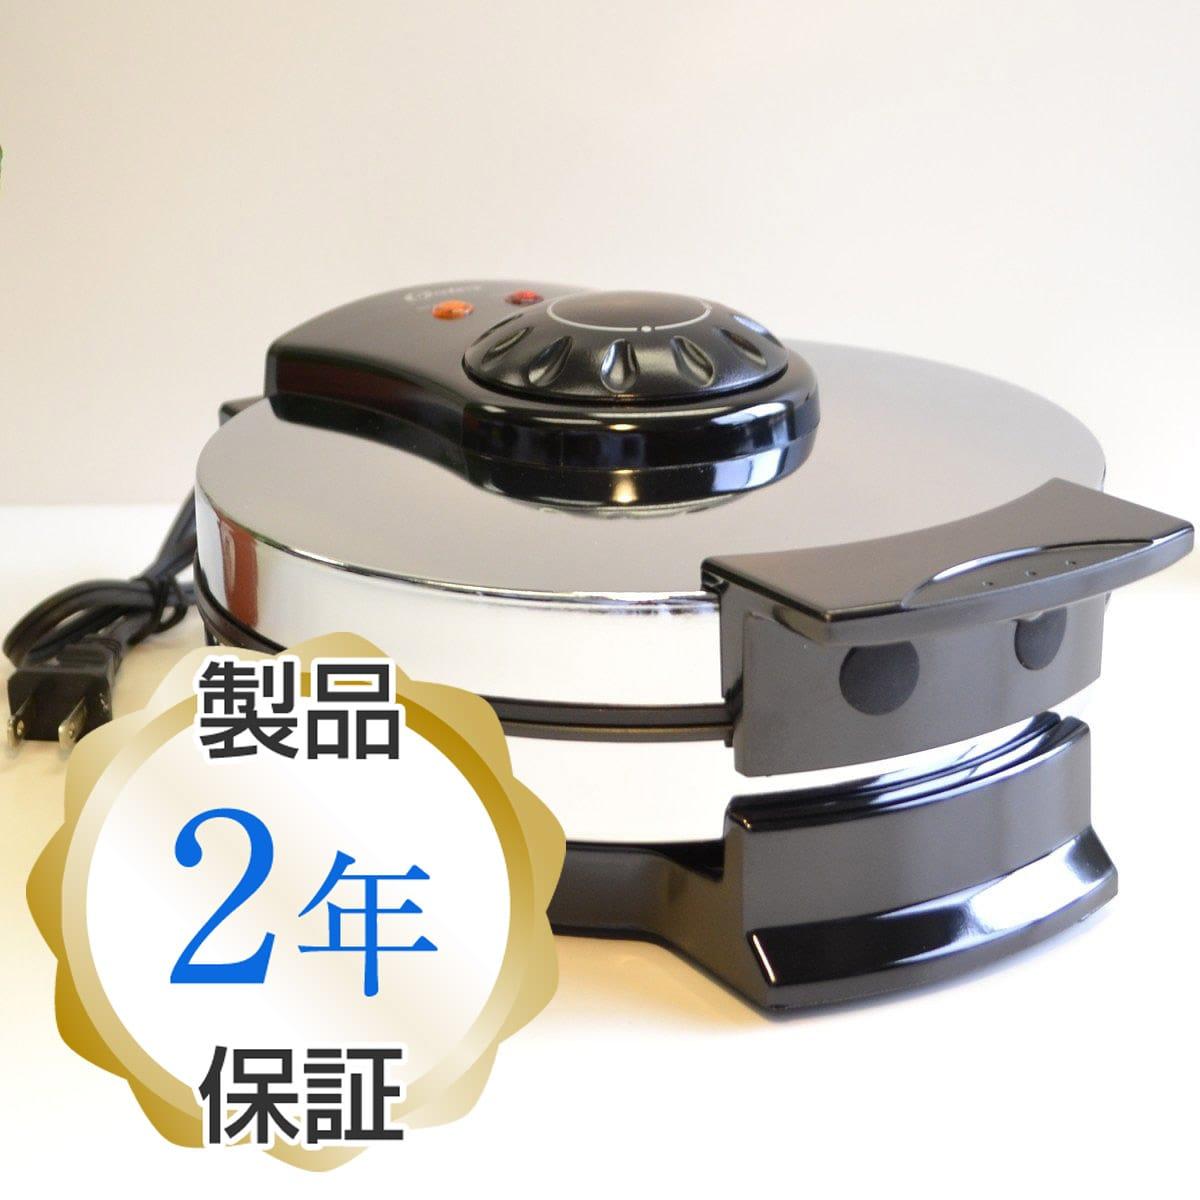 オスター ワッフルメーカー4枚焼 丸型(扇型) クロムOster 3883 Belgian Wafflemaker, Chrome